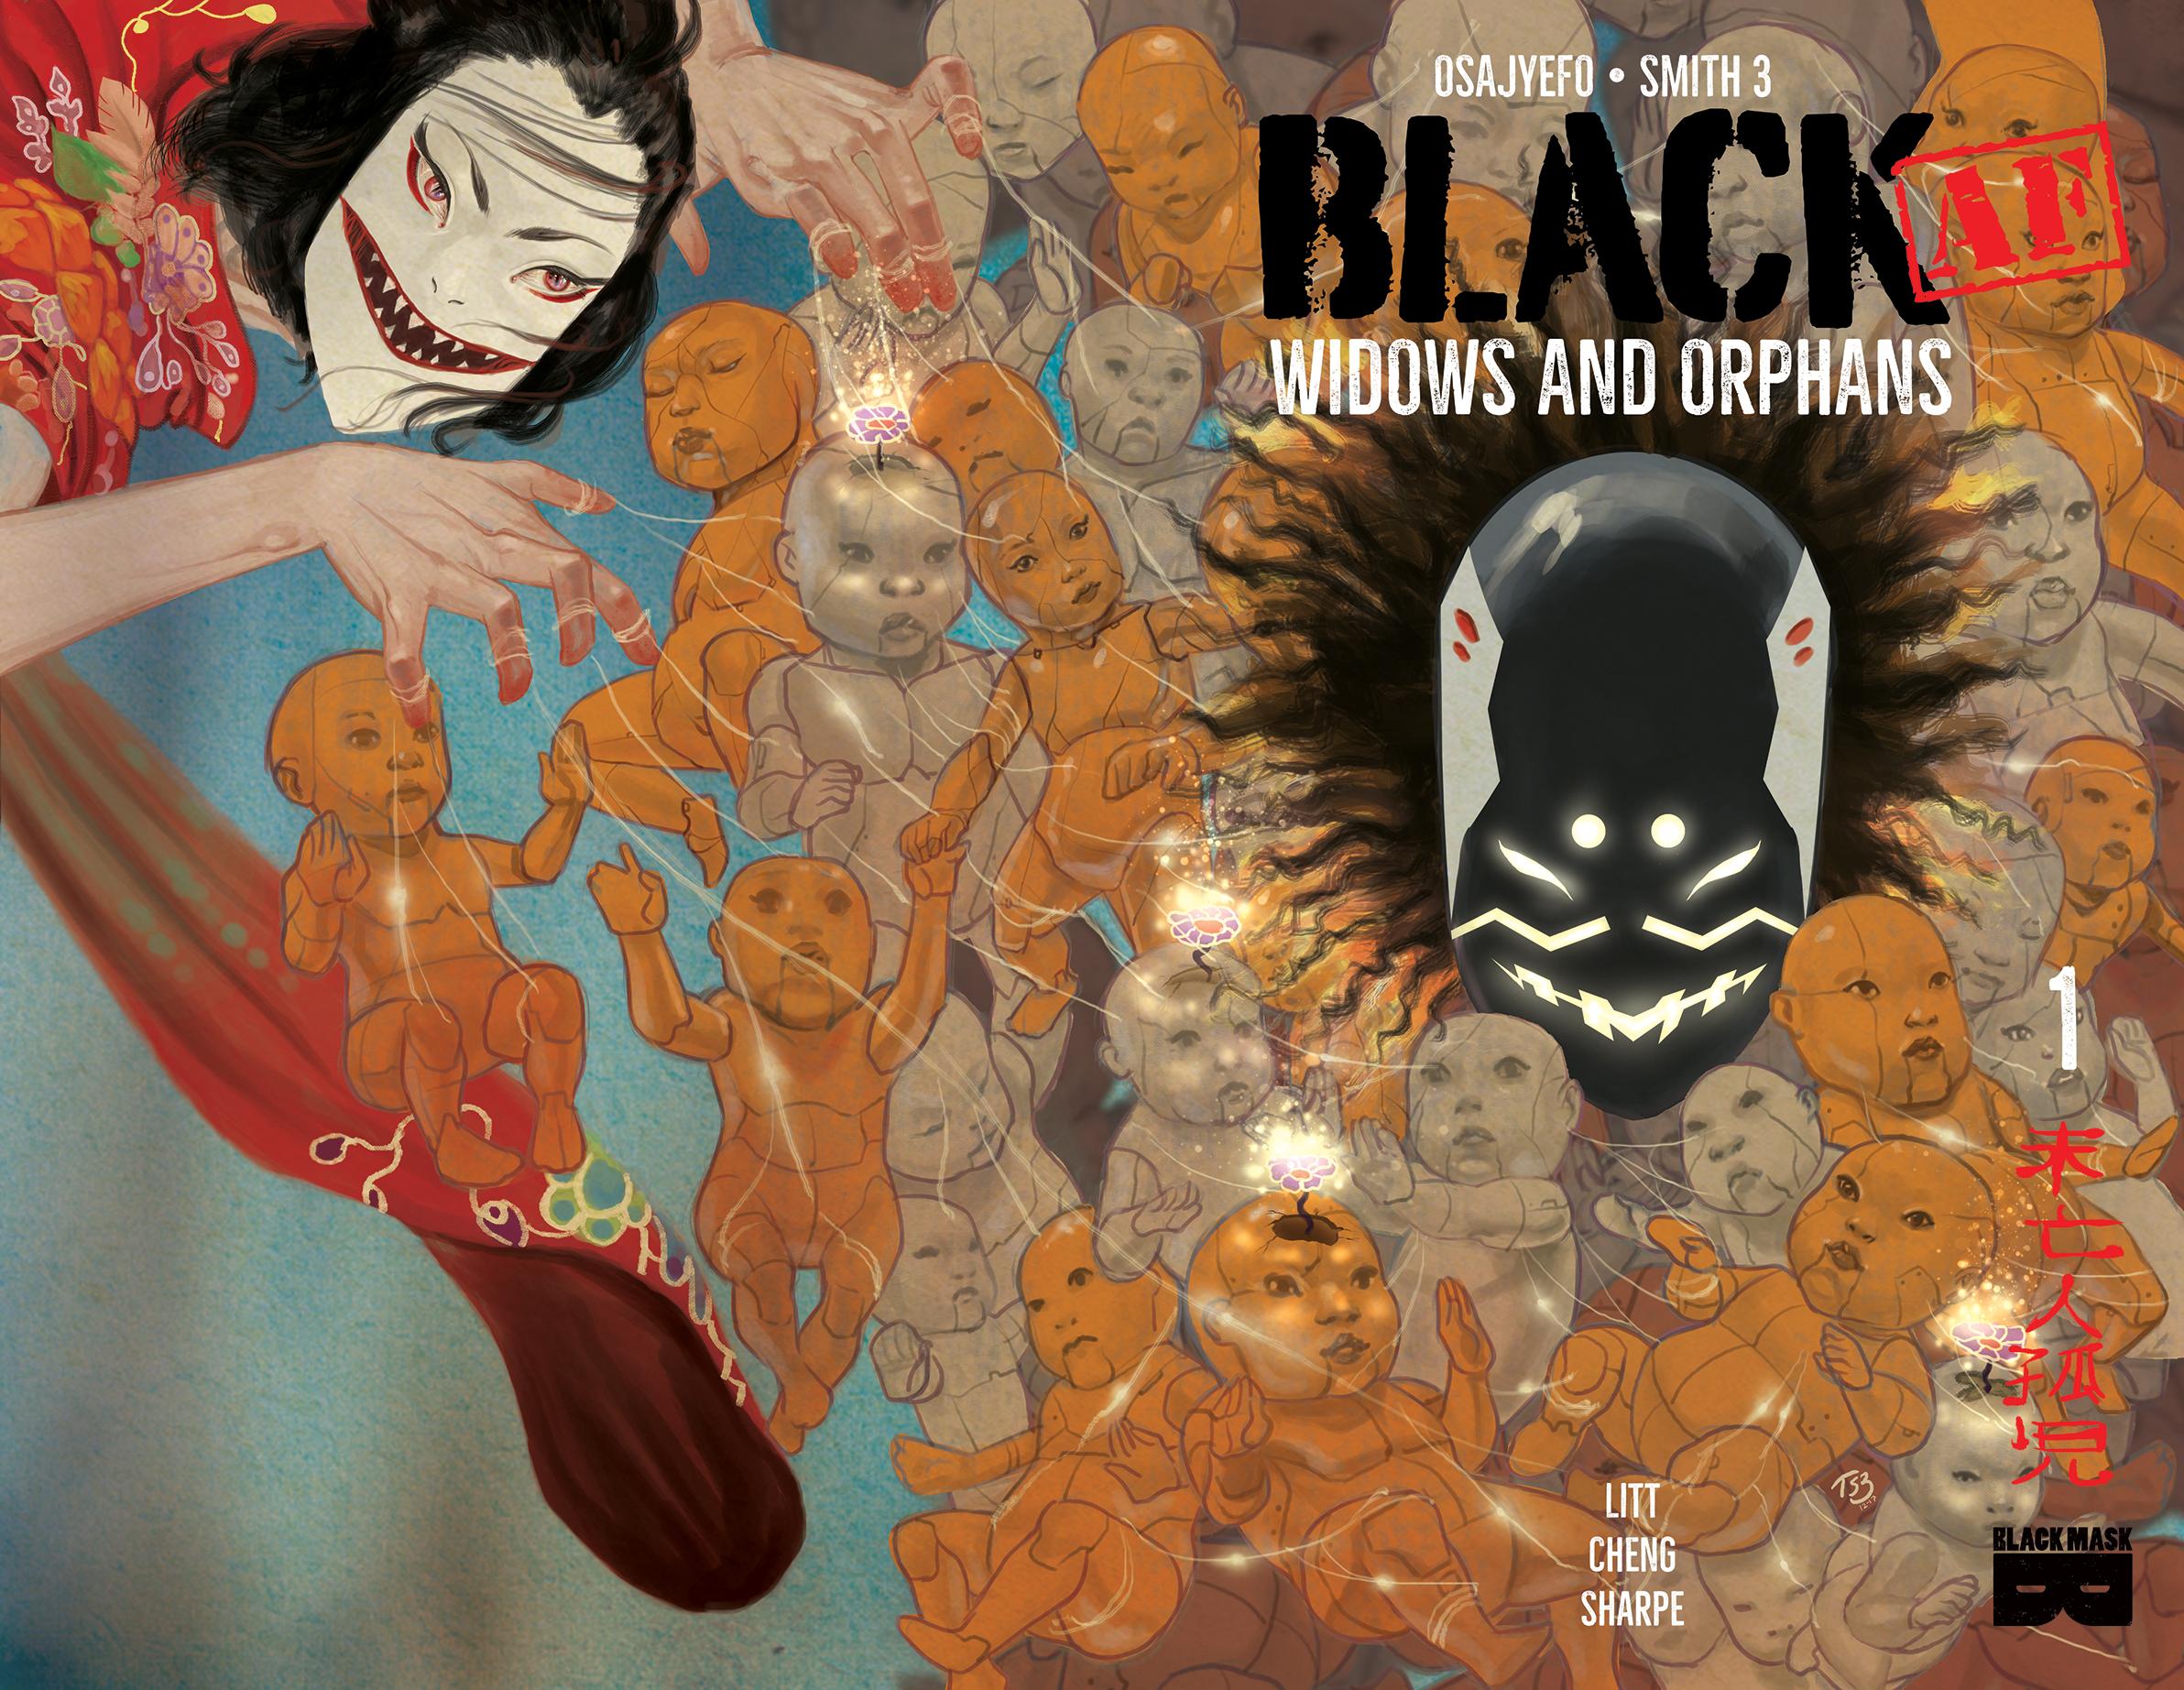 BLACK-AF-WidowsAndOrphans-01_RGB1200px-spread.jpg